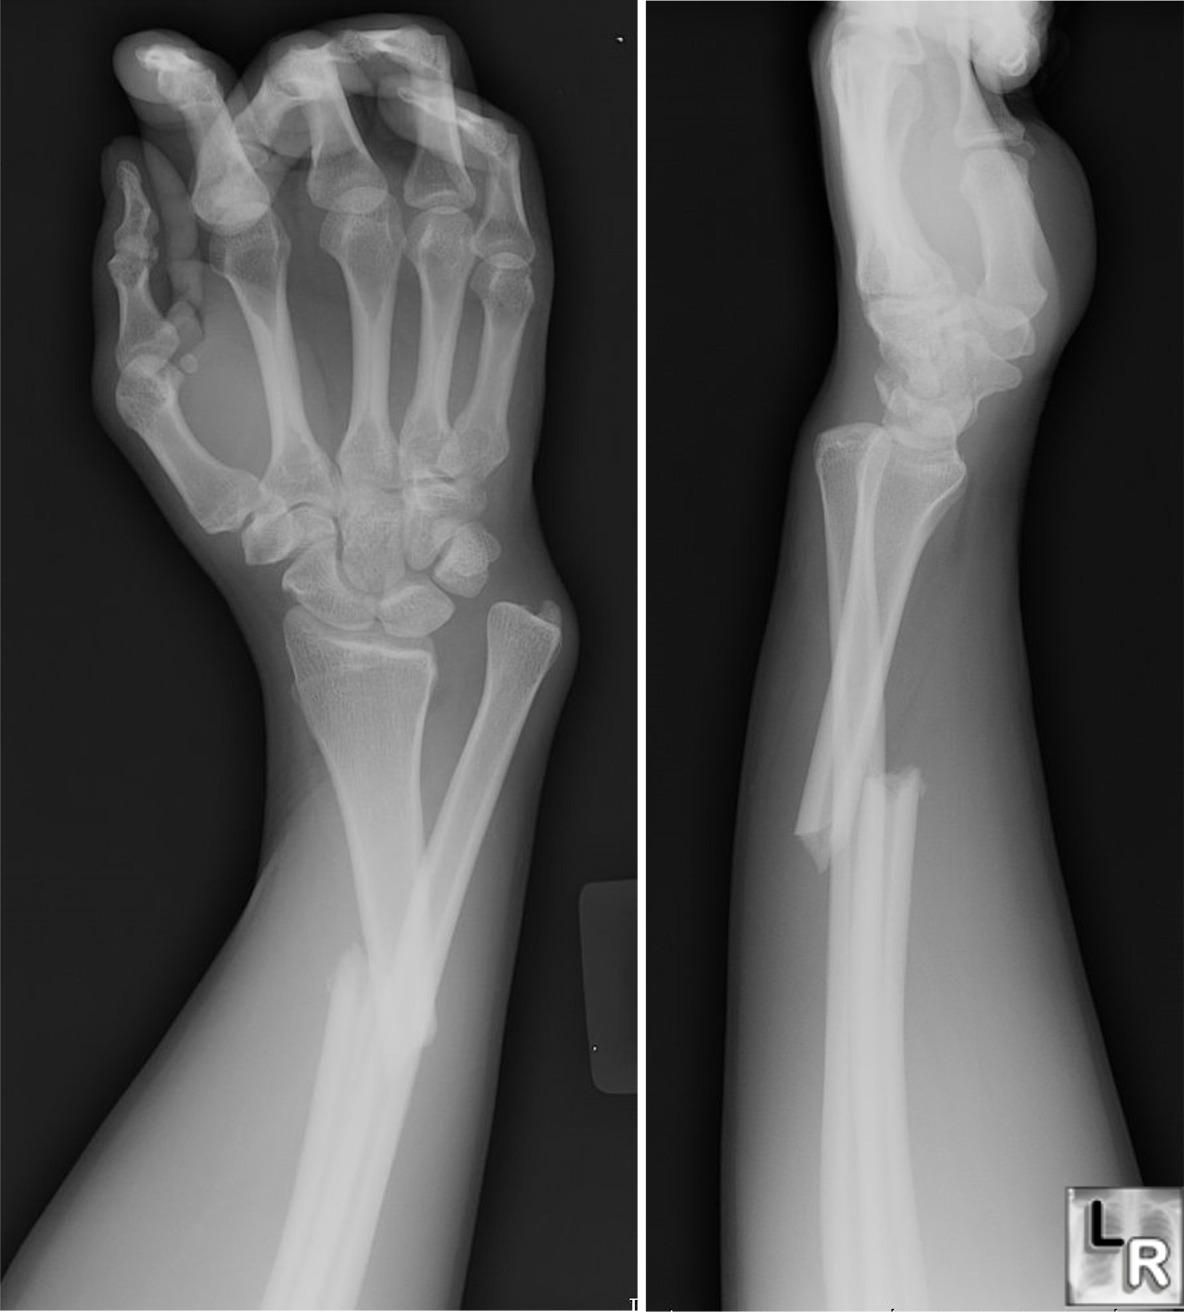 lesion del nervio mediano por fractura